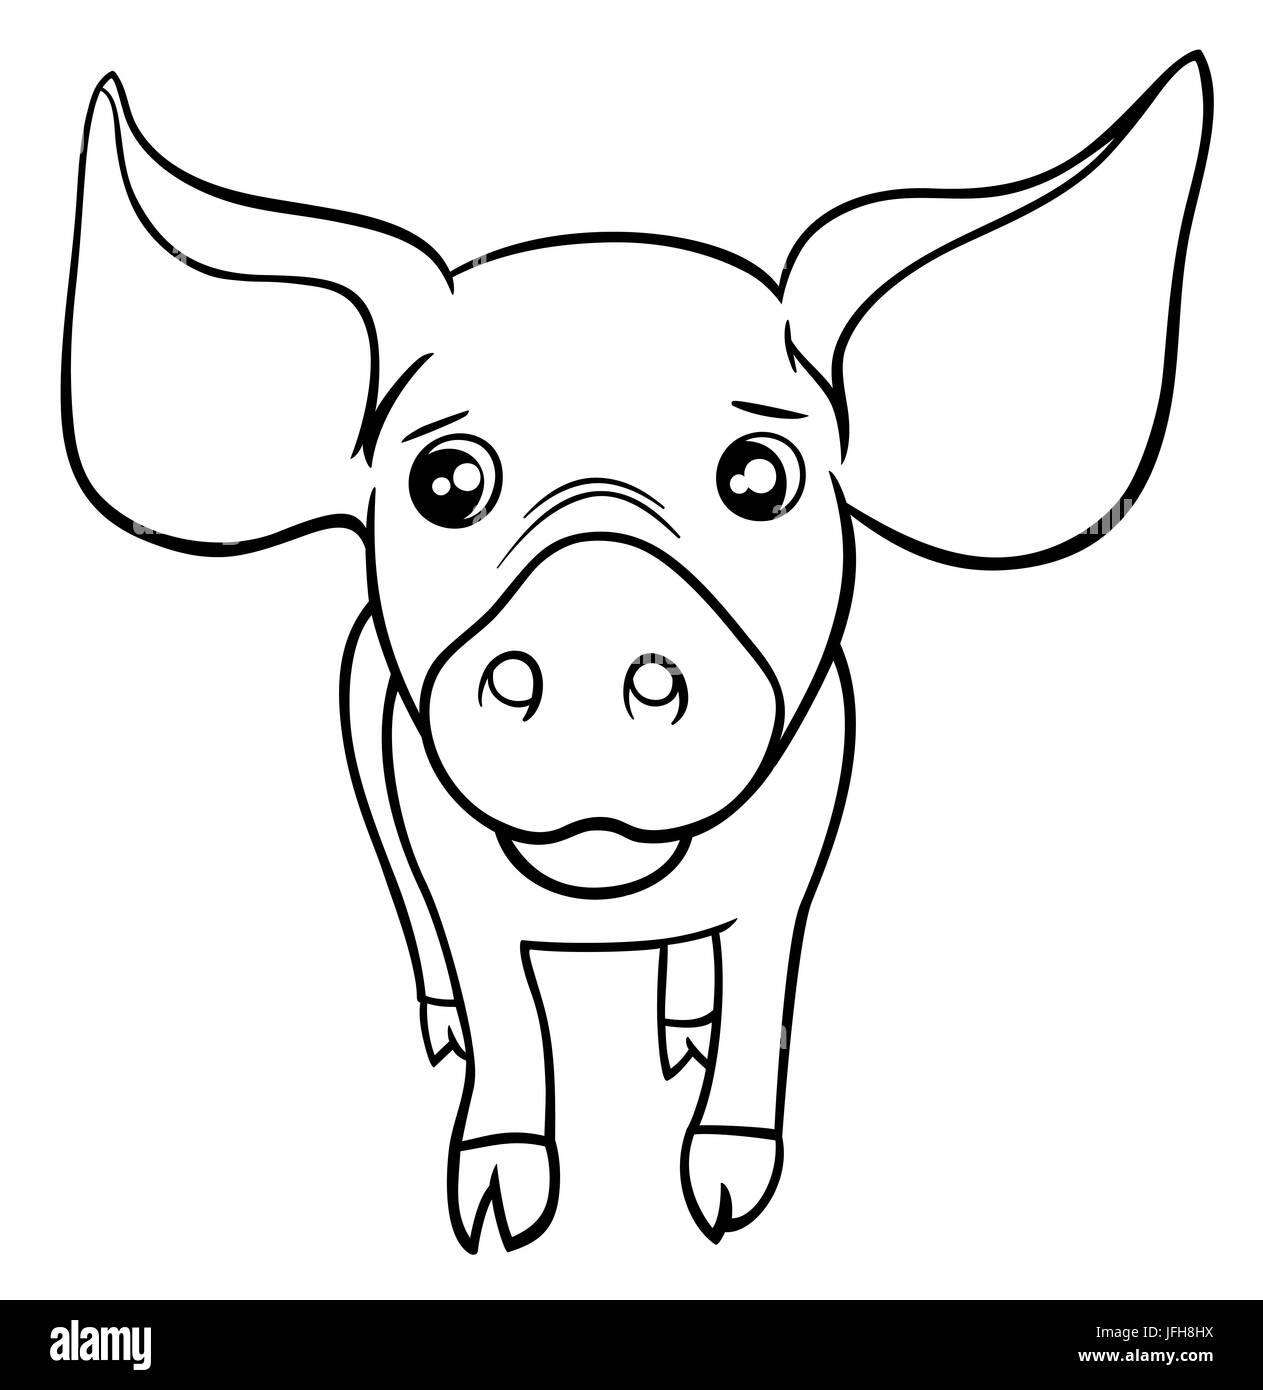 Erfreut Grund Schwein Färbung Seiten Fotos - Malvorlagen Von Tieren ...